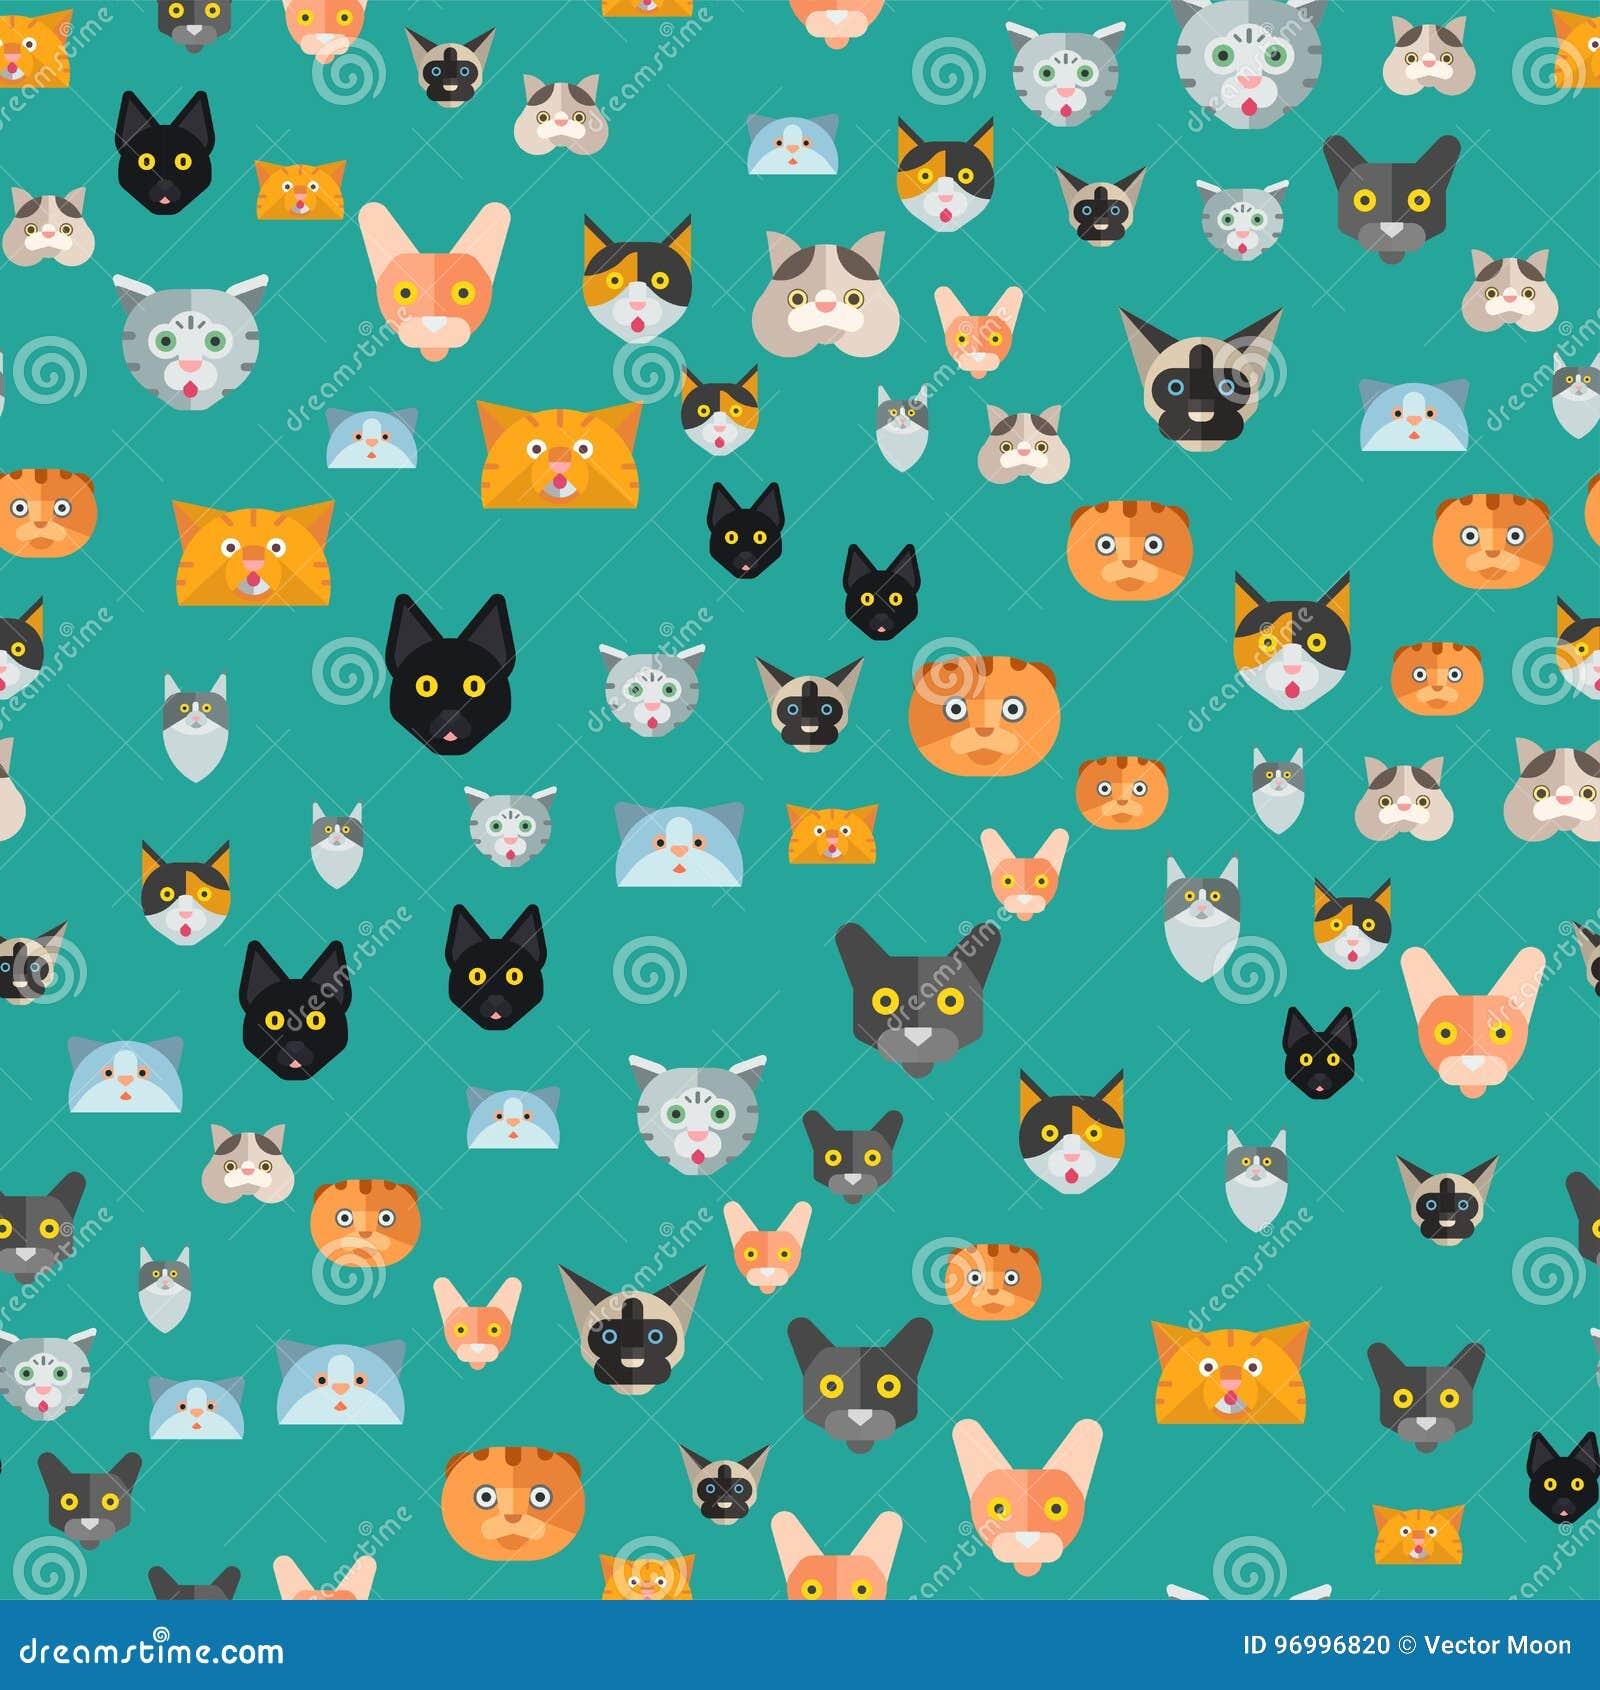 猫传染媒介例证逗人喜爱的动物无缝的样式滑稽的装饰全部赌注字符似猫的家养的时髦宠物